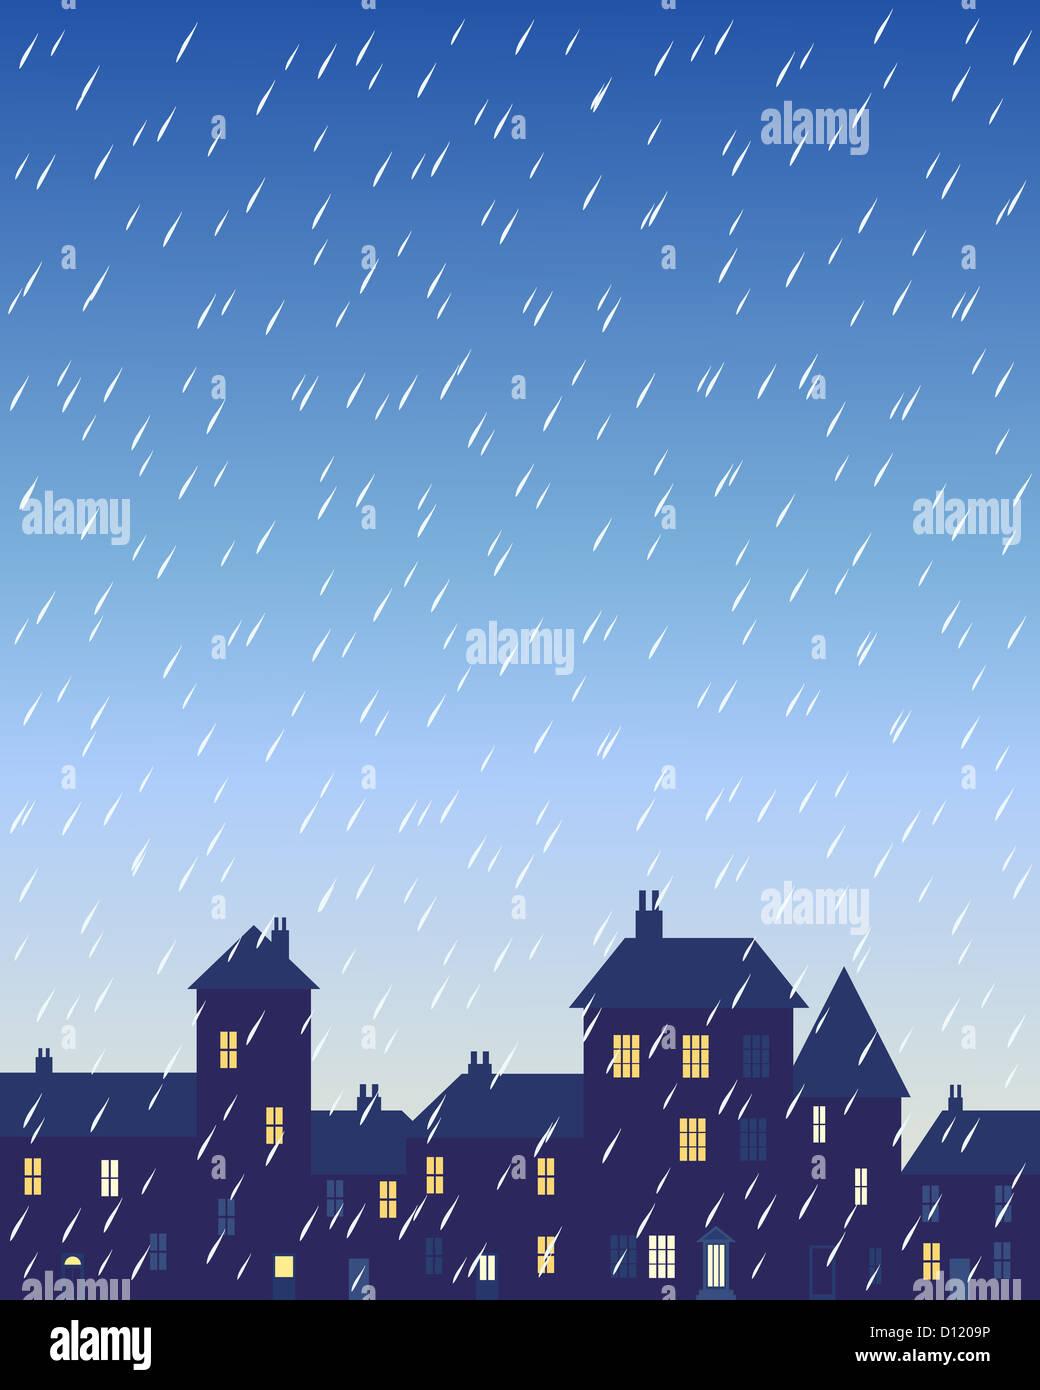 Una illustrazione di un giorno di pioggia in una città con vari edifici di forma e le case con finestre illuminate Immagini Stock